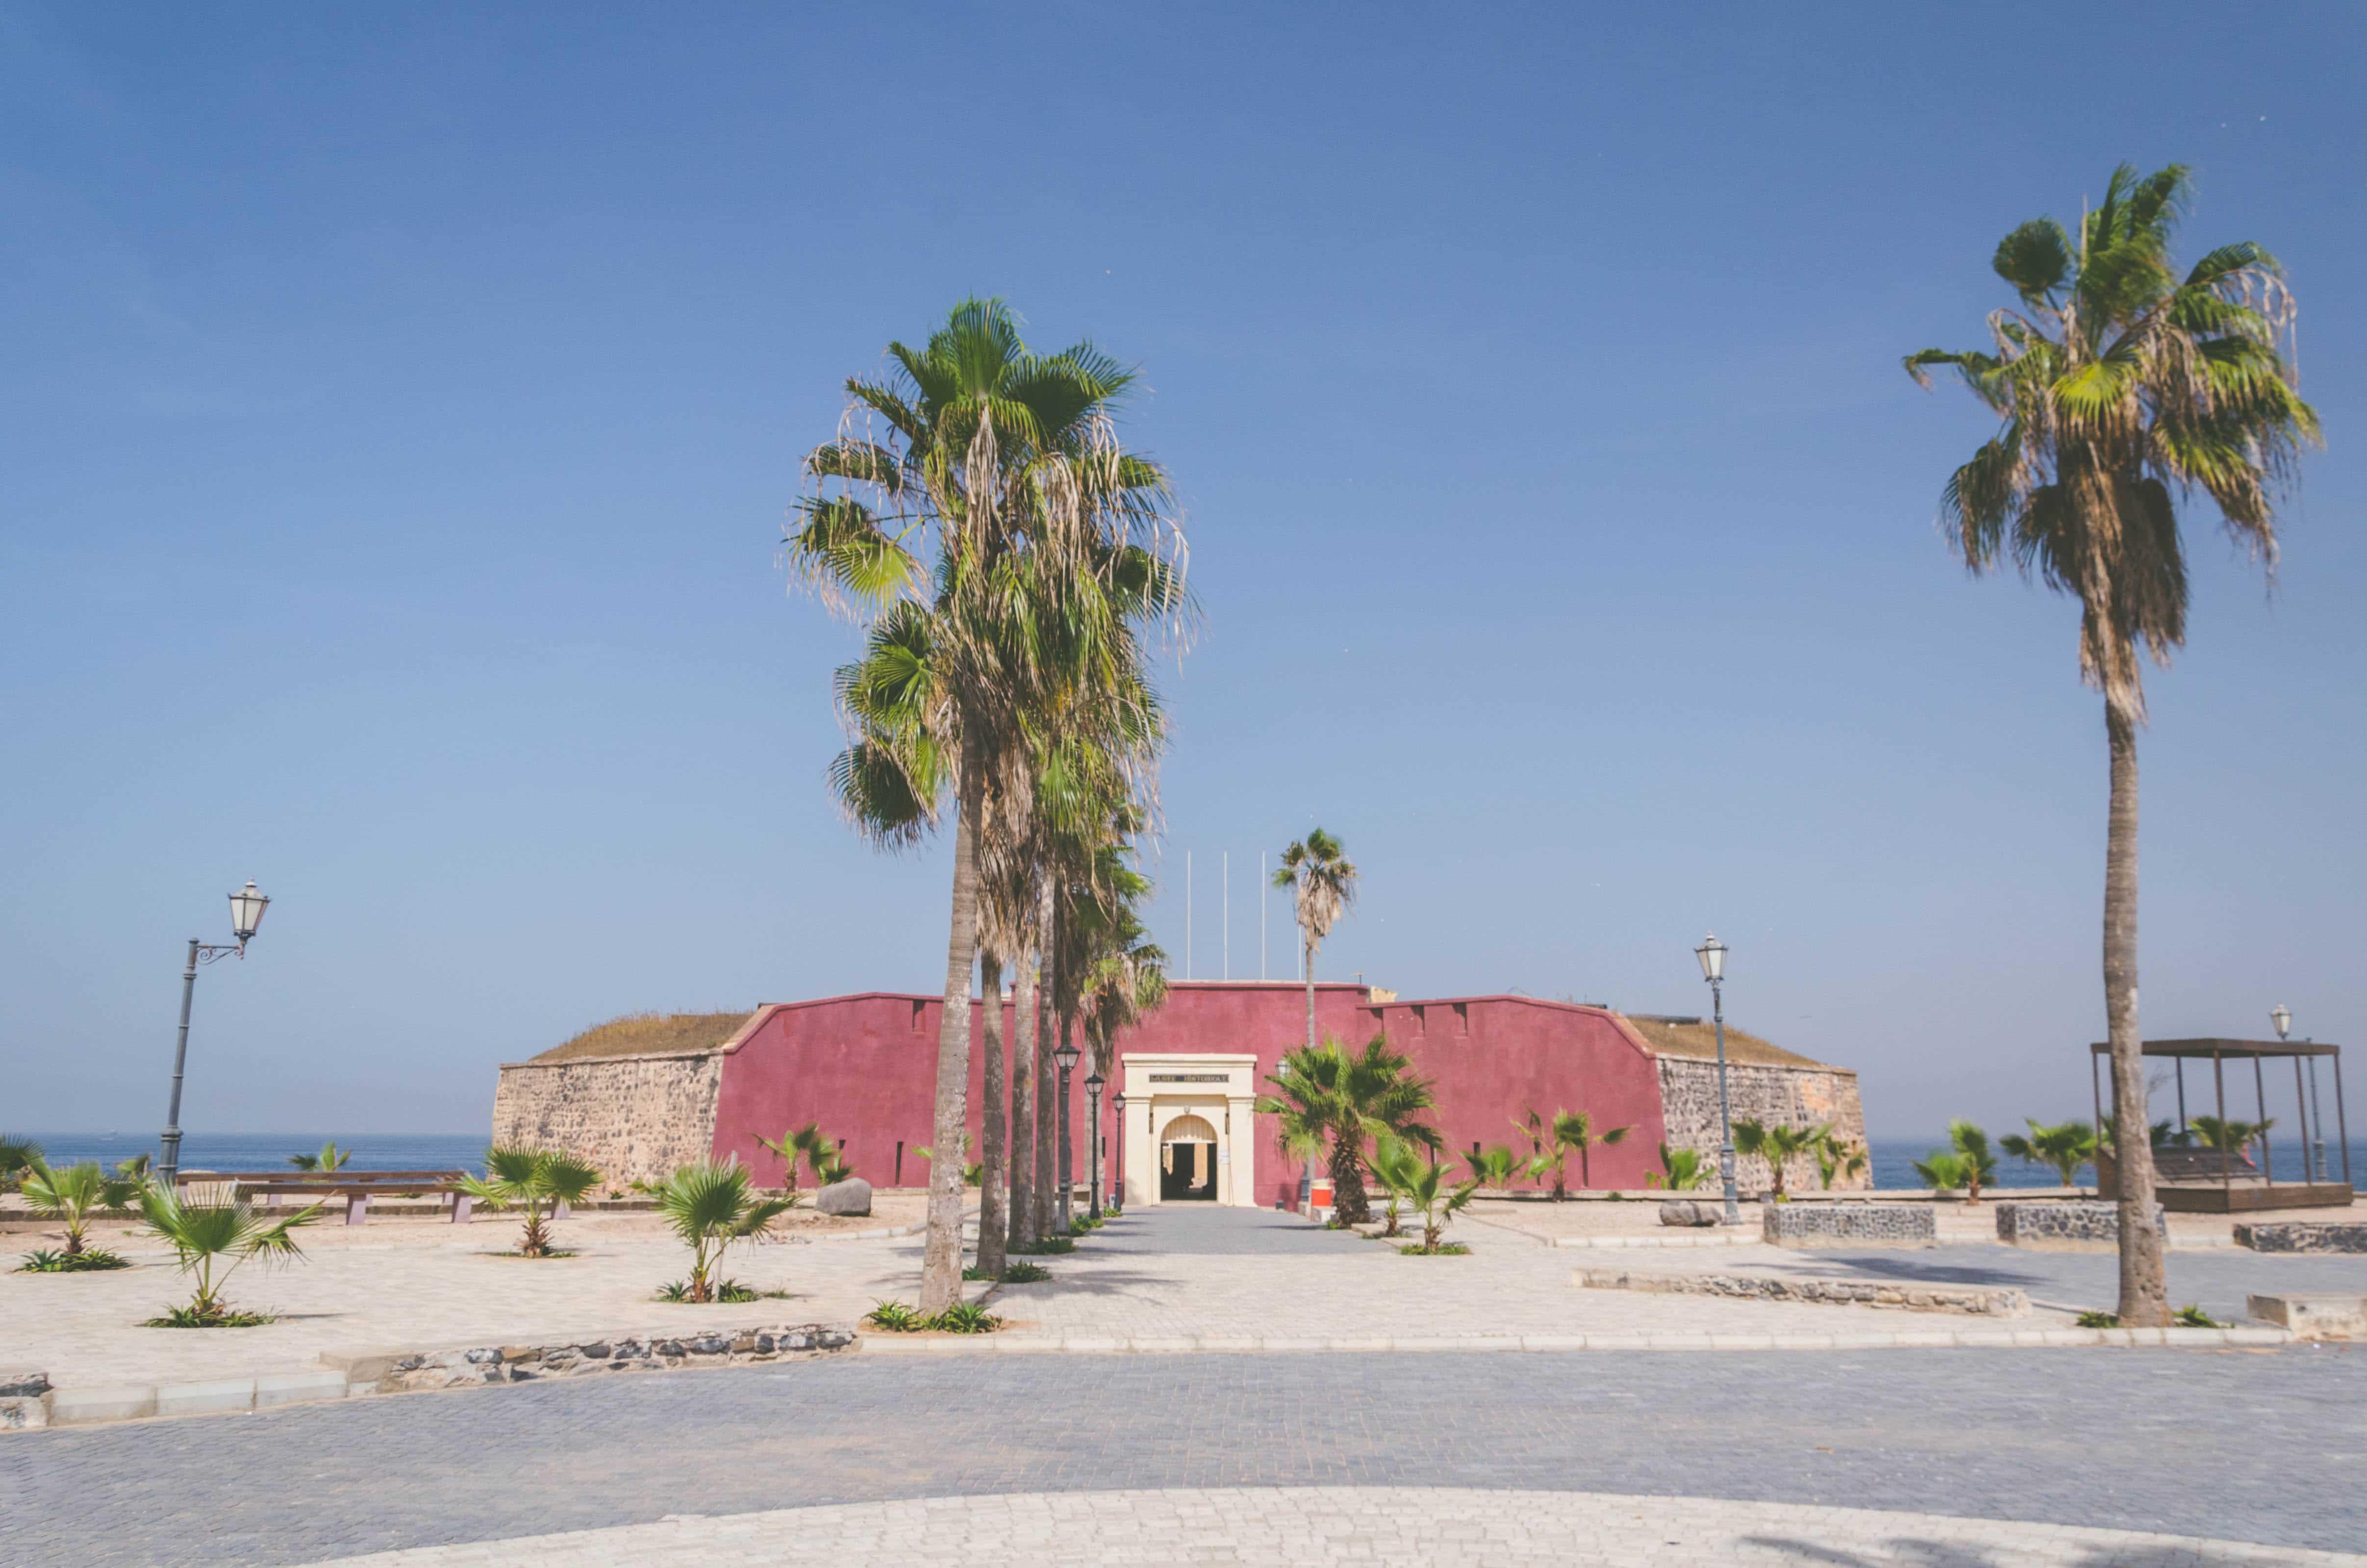 Que faire à Dakar? Idées de visites et bonnes adresses